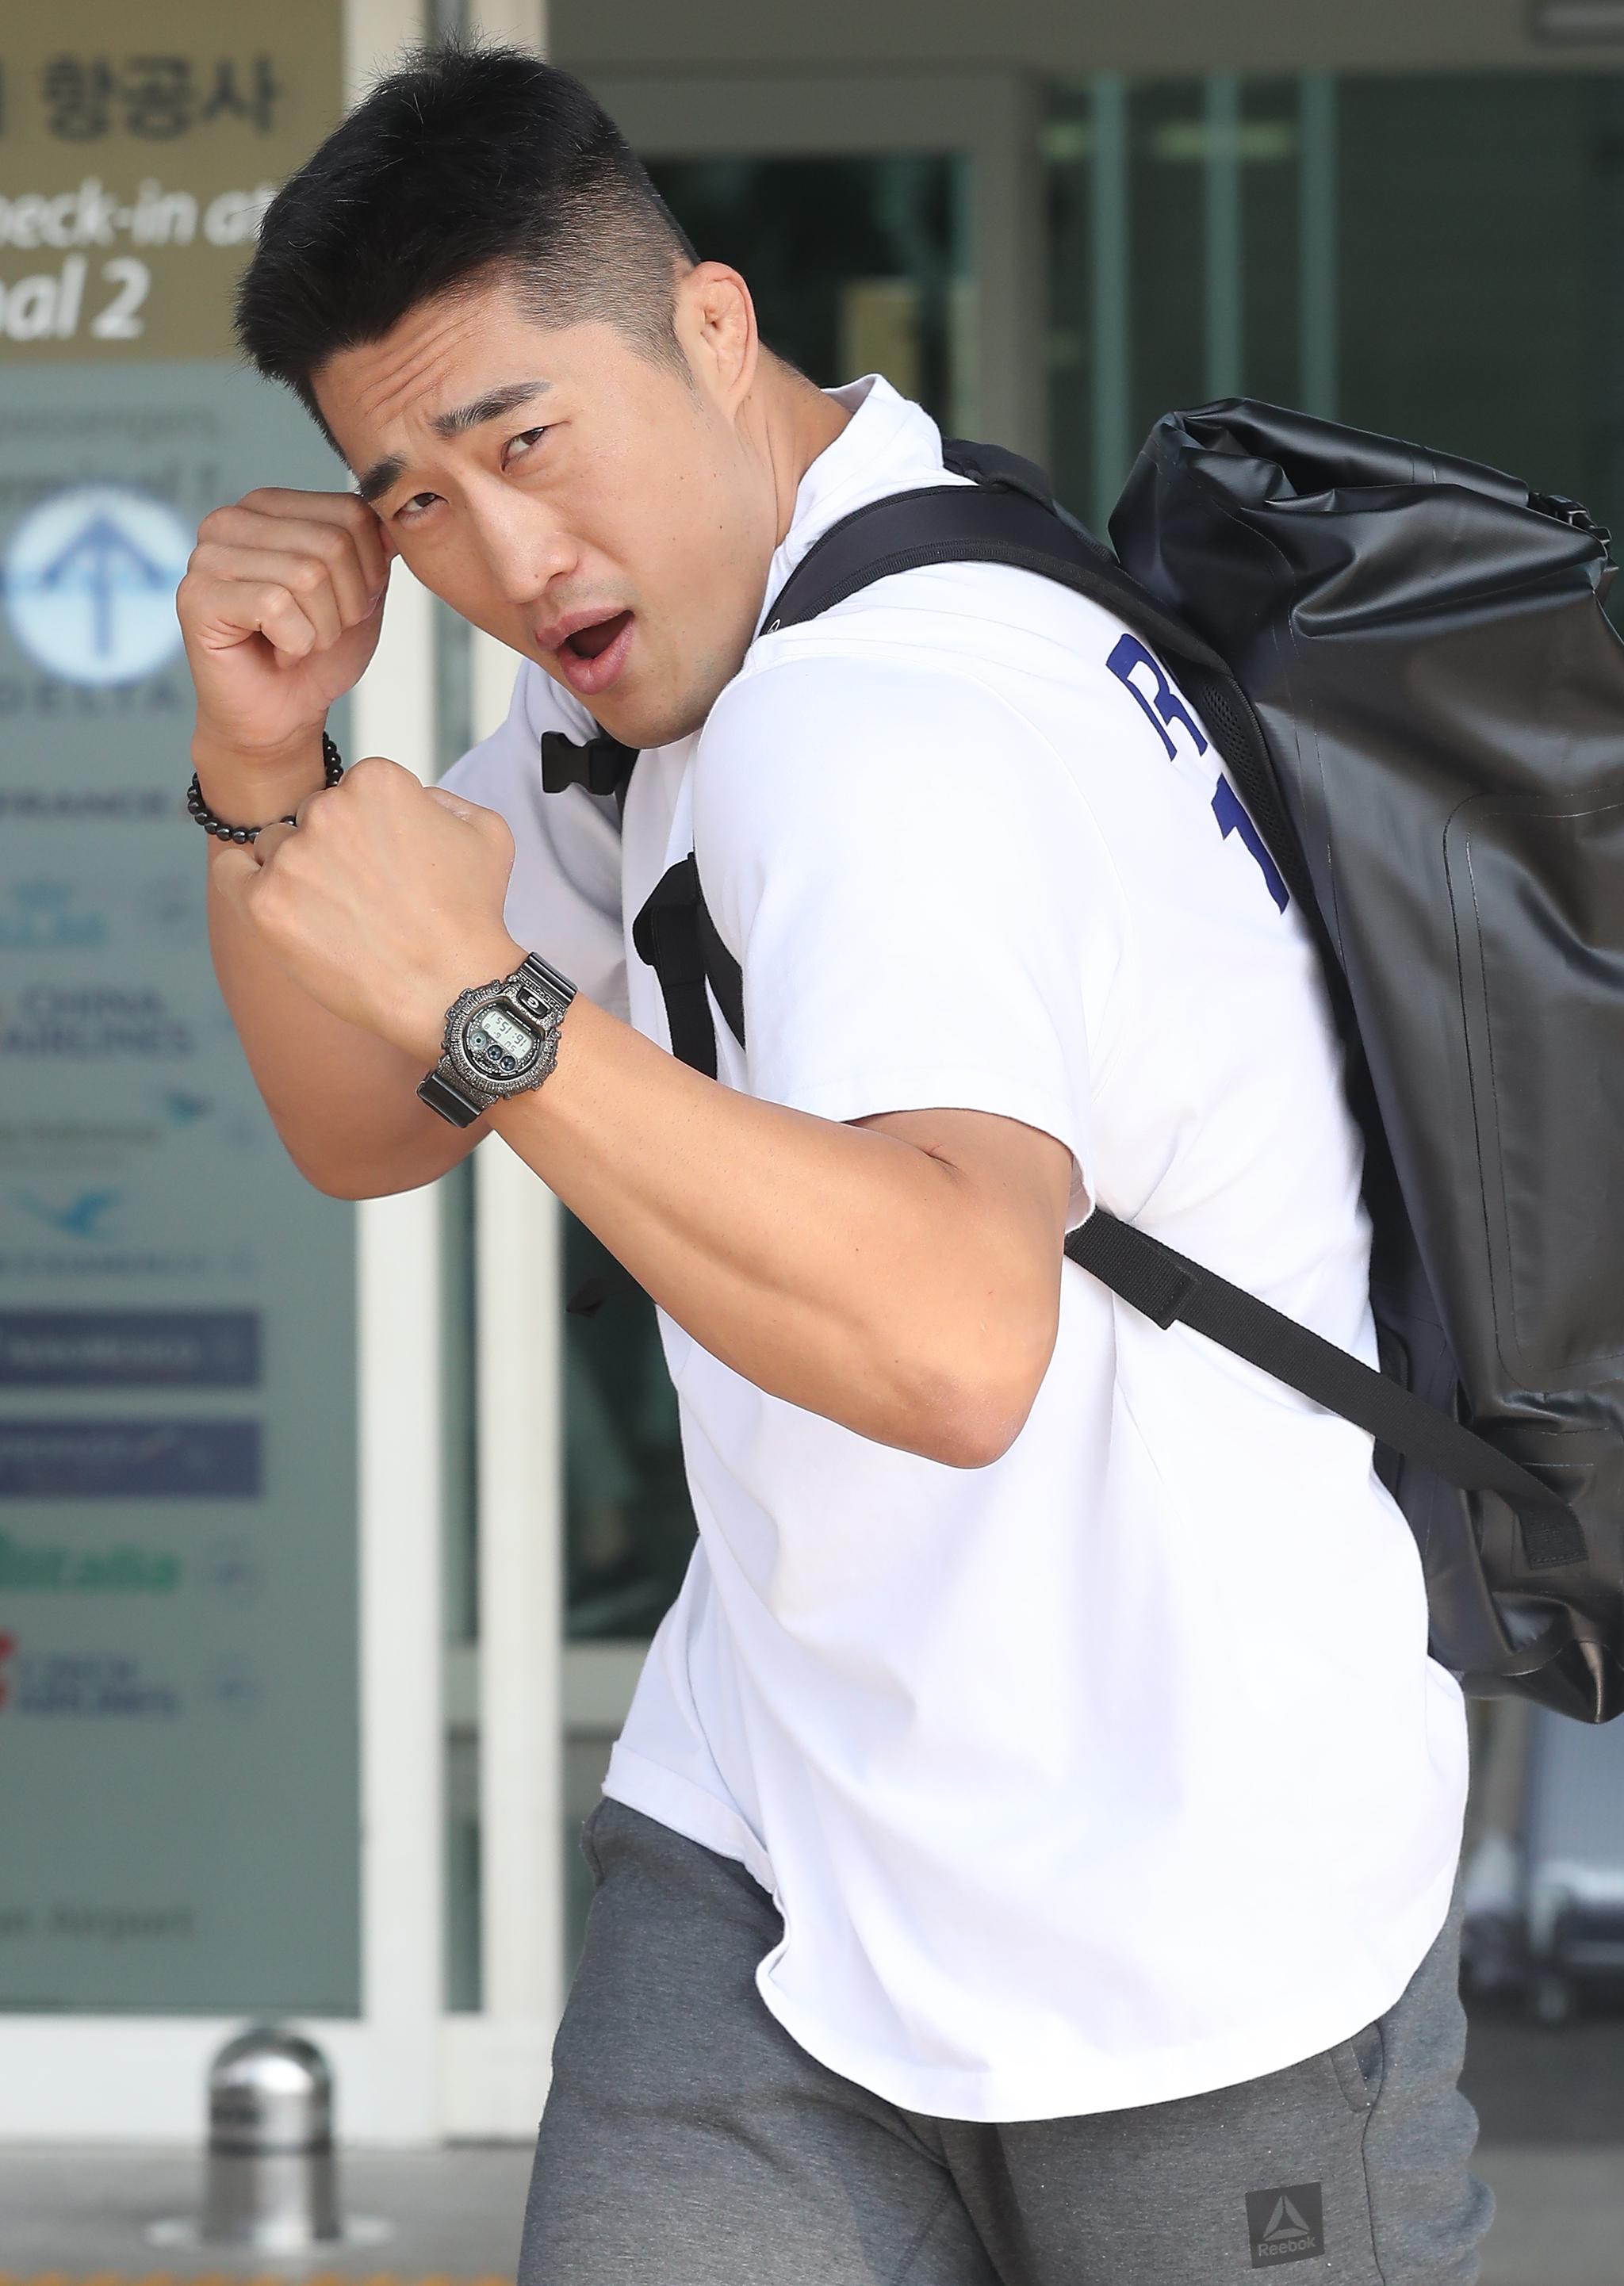 격투기 무대에서 스턴건으로 통했던 김동현은 예능에서는 호들이라 불린다. 겁 많고 호들갑스러운 캐릭터로 많은 사랑을 받고 있다. [중앙포토]